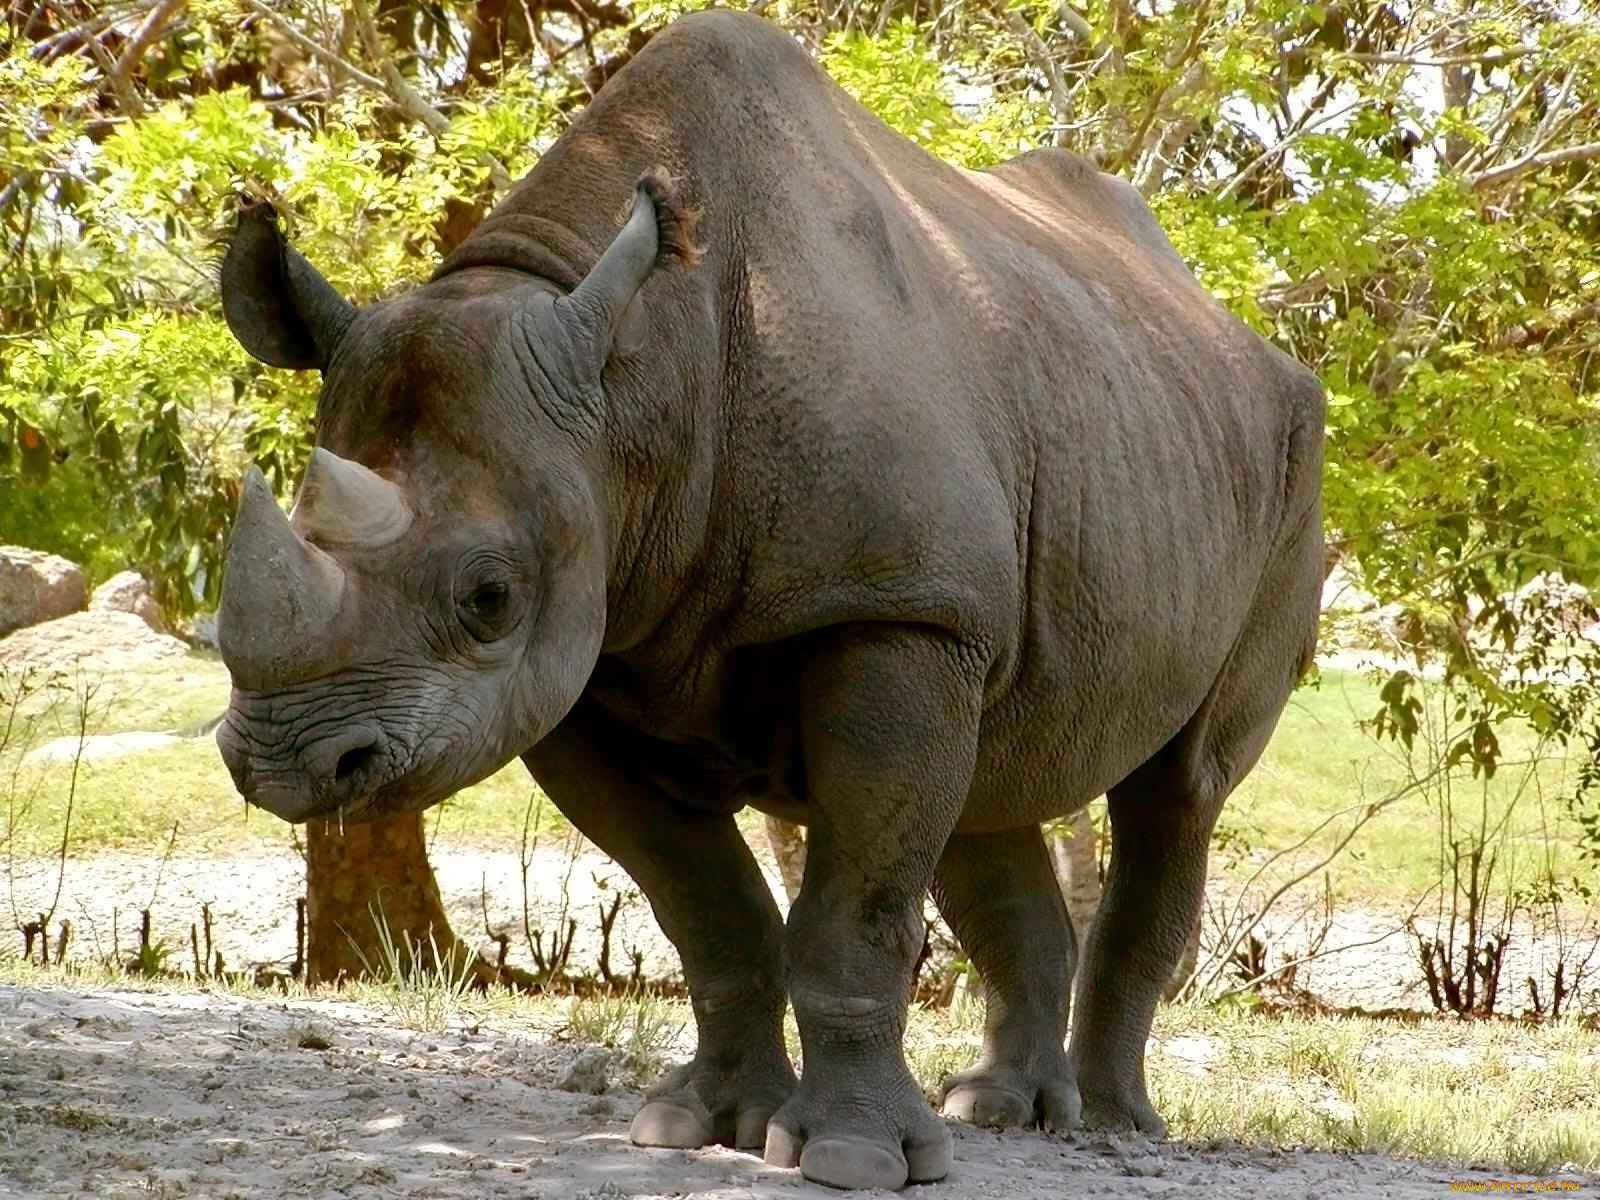 Картинка носорога и оленя